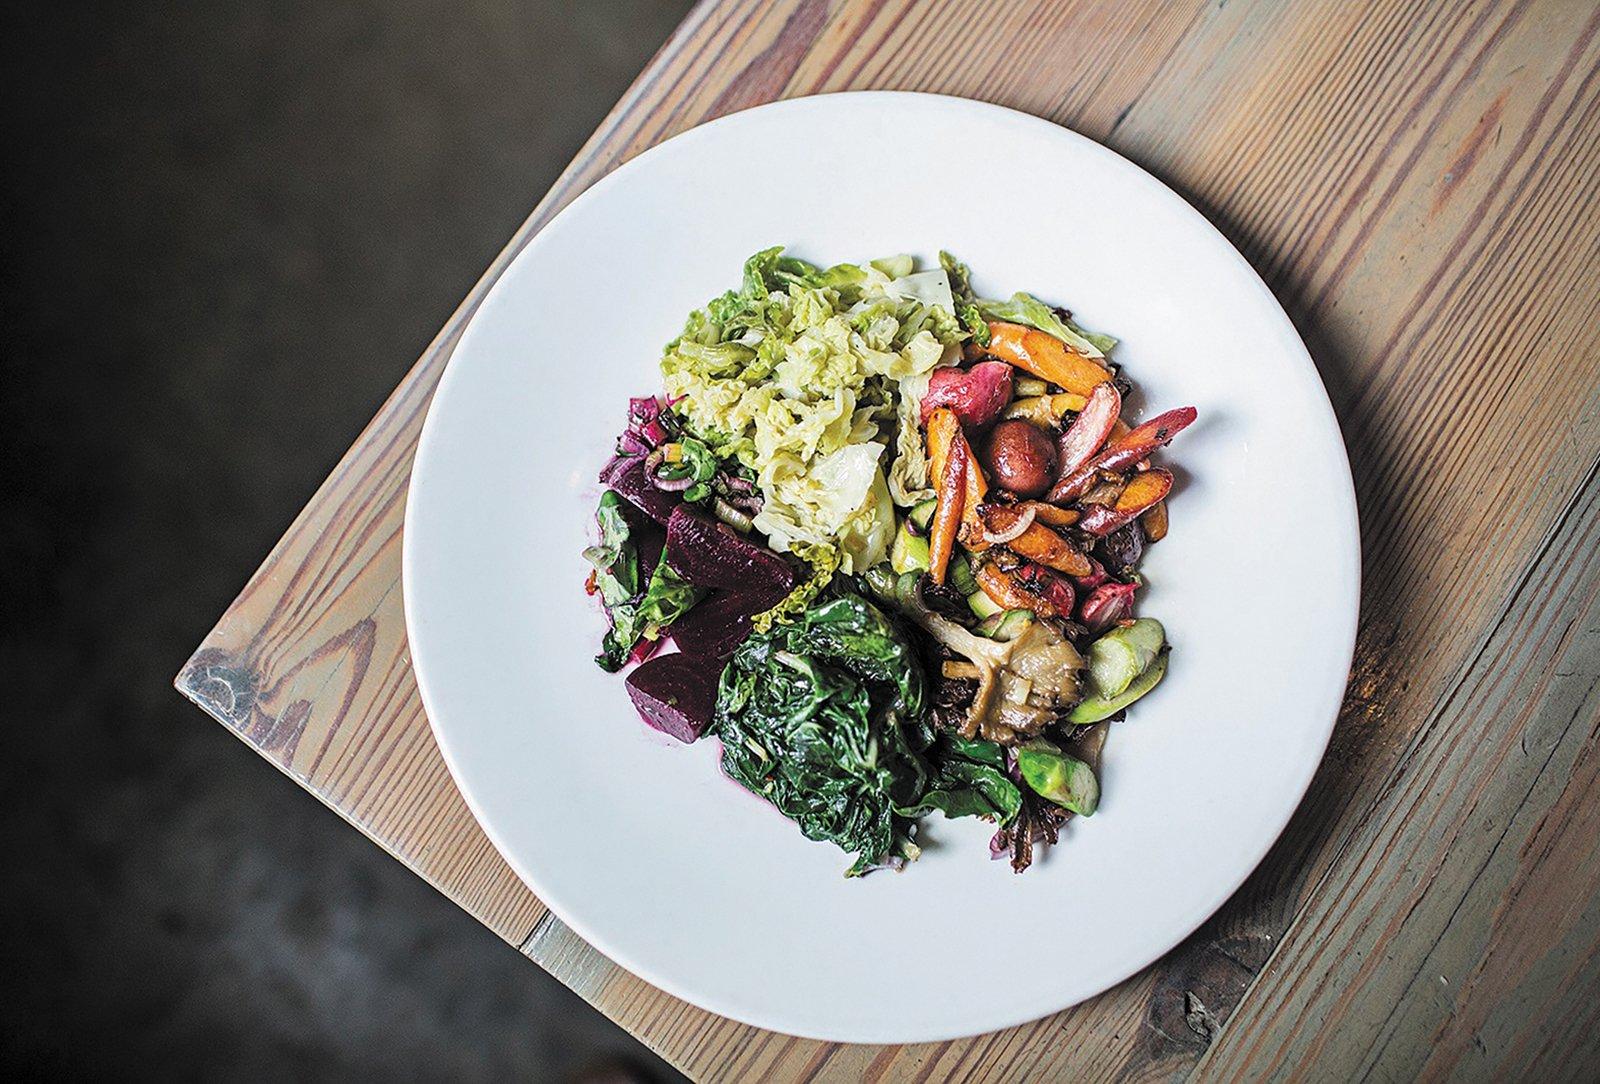 highlands nc old edwards chef dinner vegetable plate